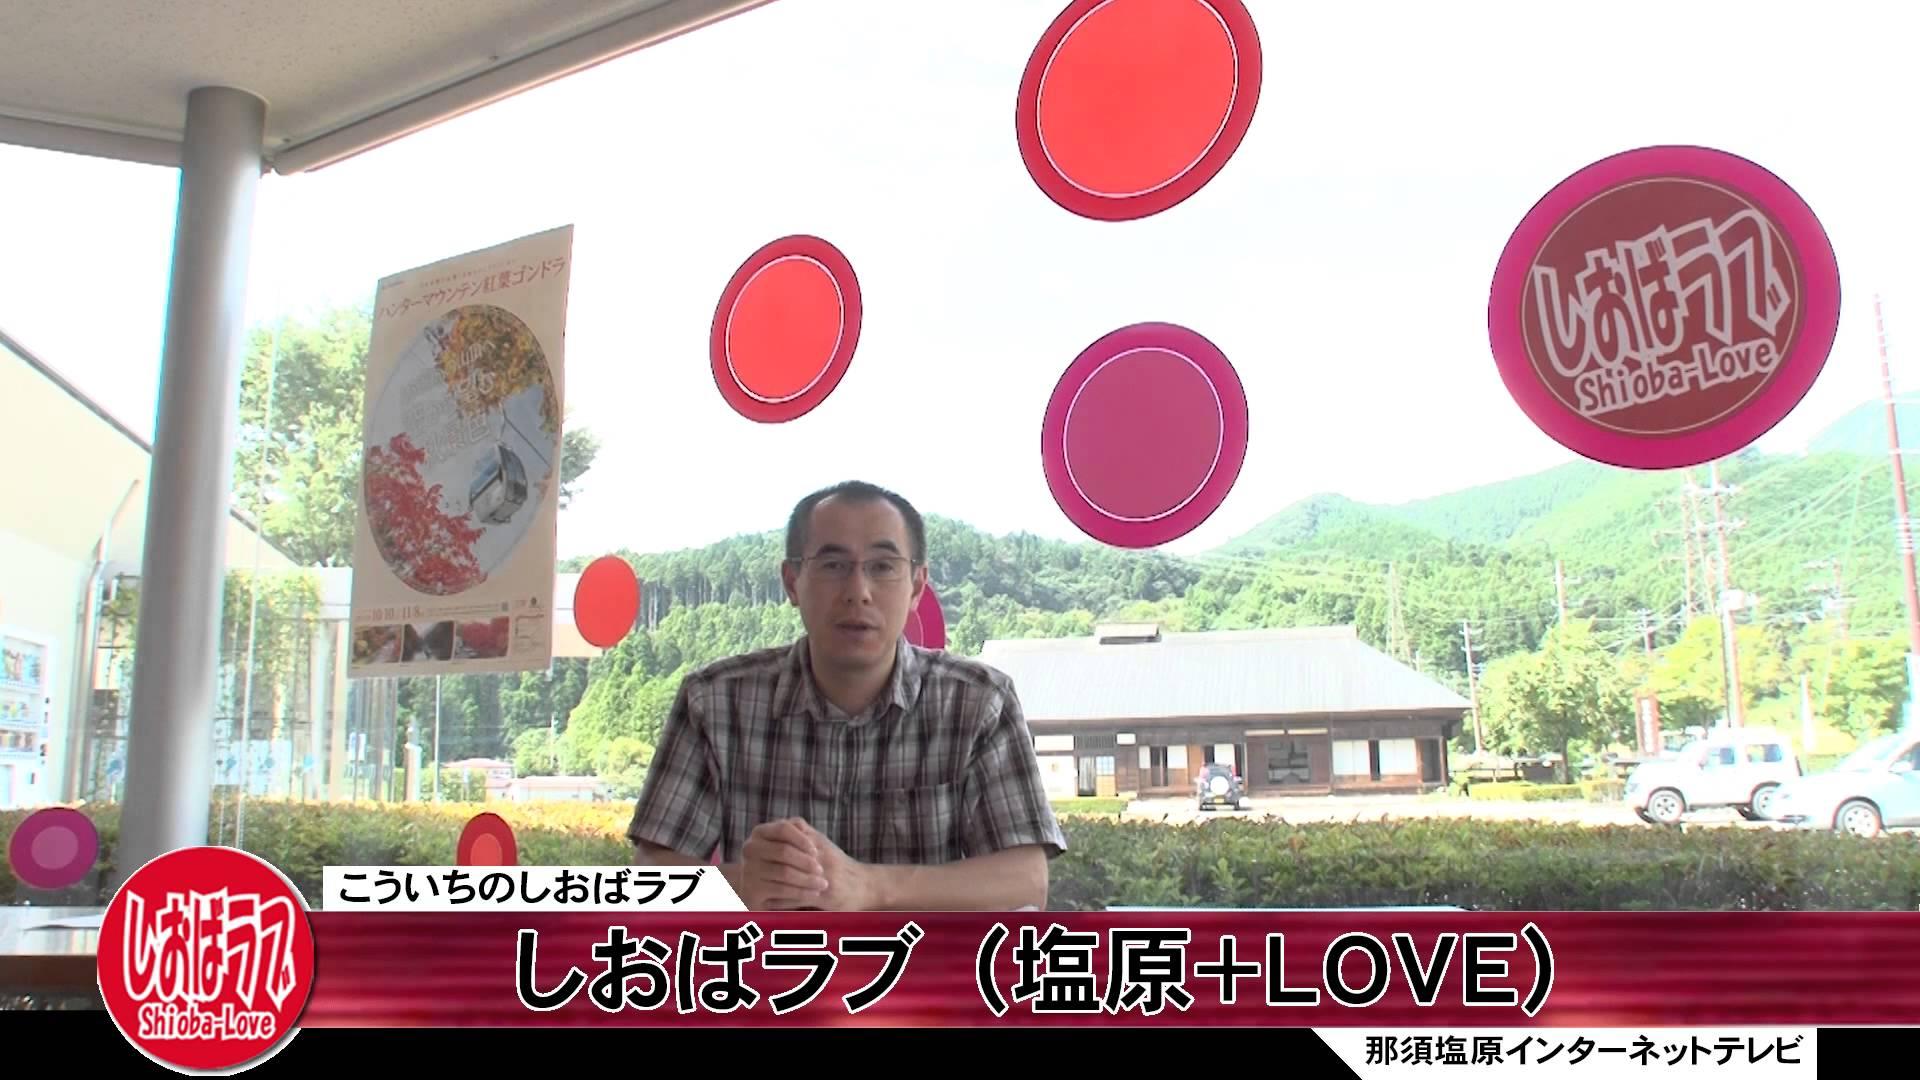 こういちのしおばラブ(塩原+LOVE)第197回